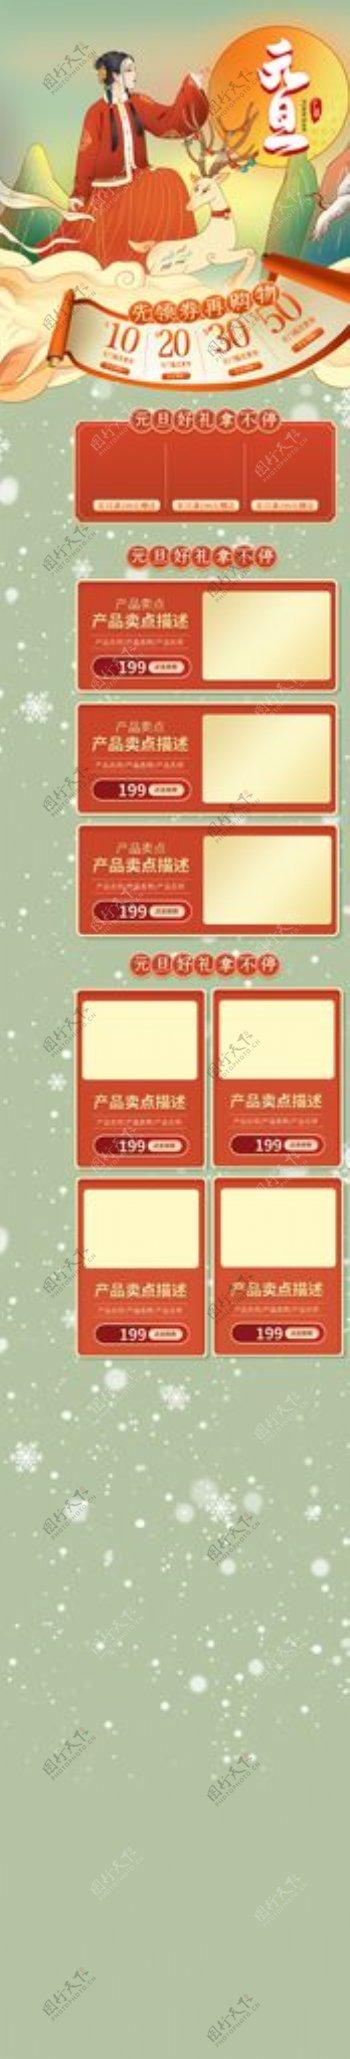 中国风促销活动页面设计图片